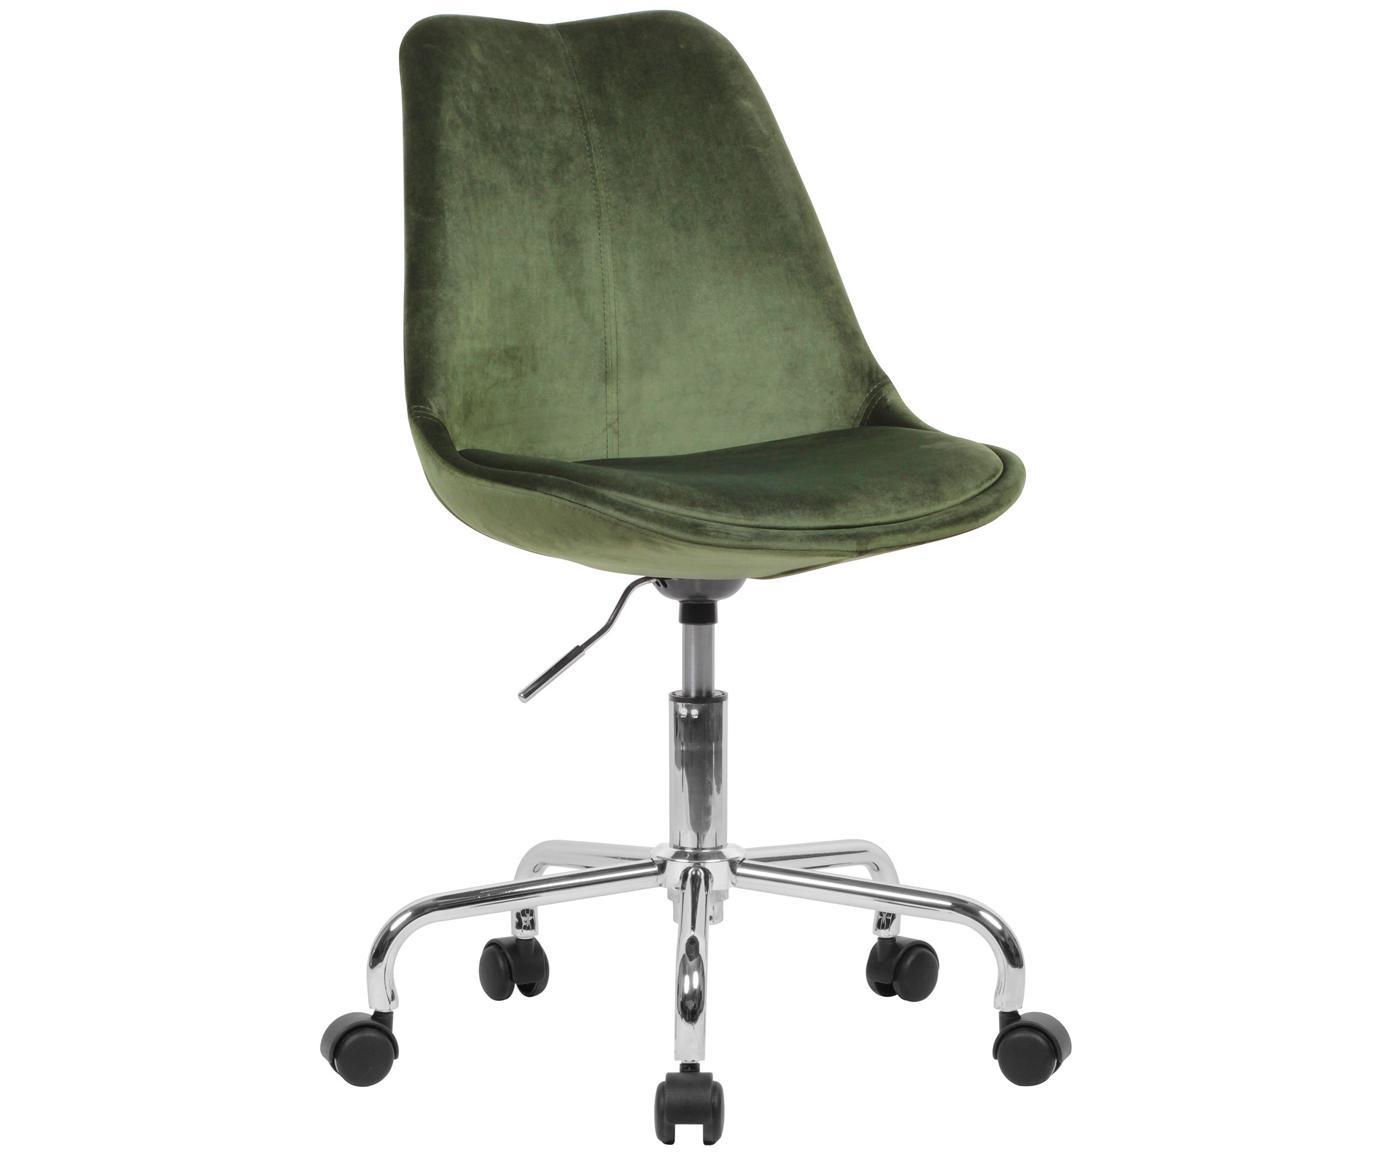 Samt-Bürodrehstuhl Lenka, höhenverstellbar, Bezug: Samt, Gestell: Metall, verchromt, Samt Grün, B 65 x T 56 cm